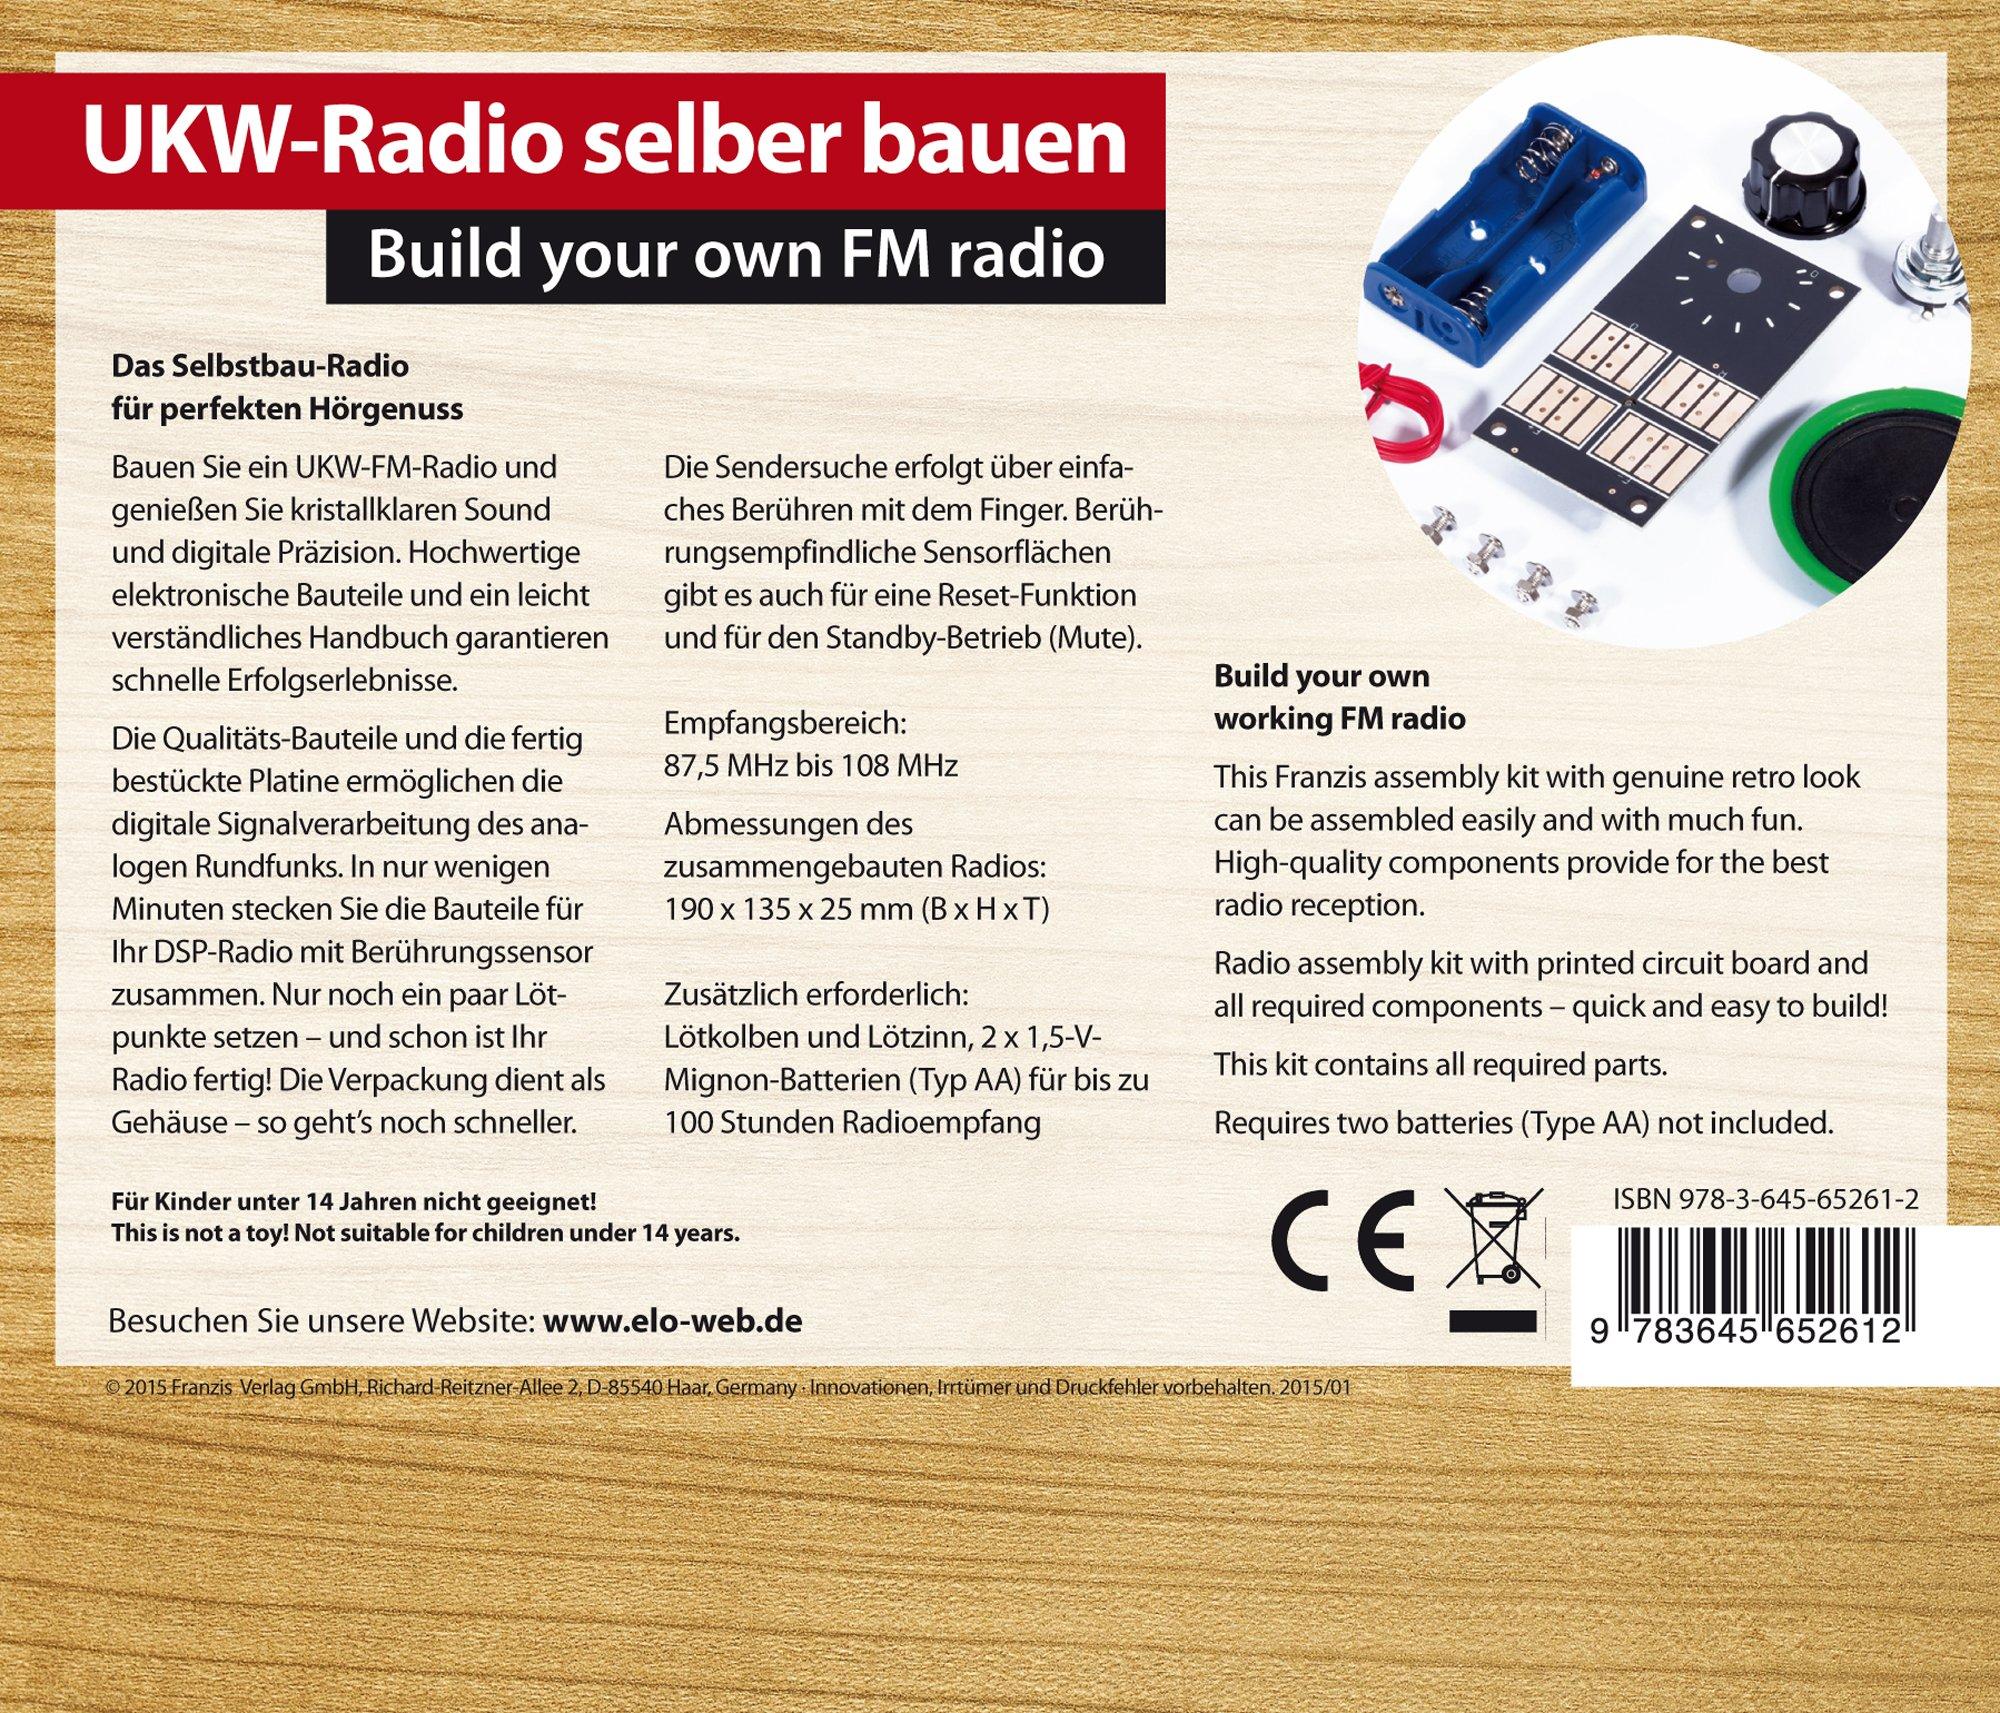 Franzis Build Your Own FM Radio Kit & Manual: Amazon.co.uk: Franzis ...